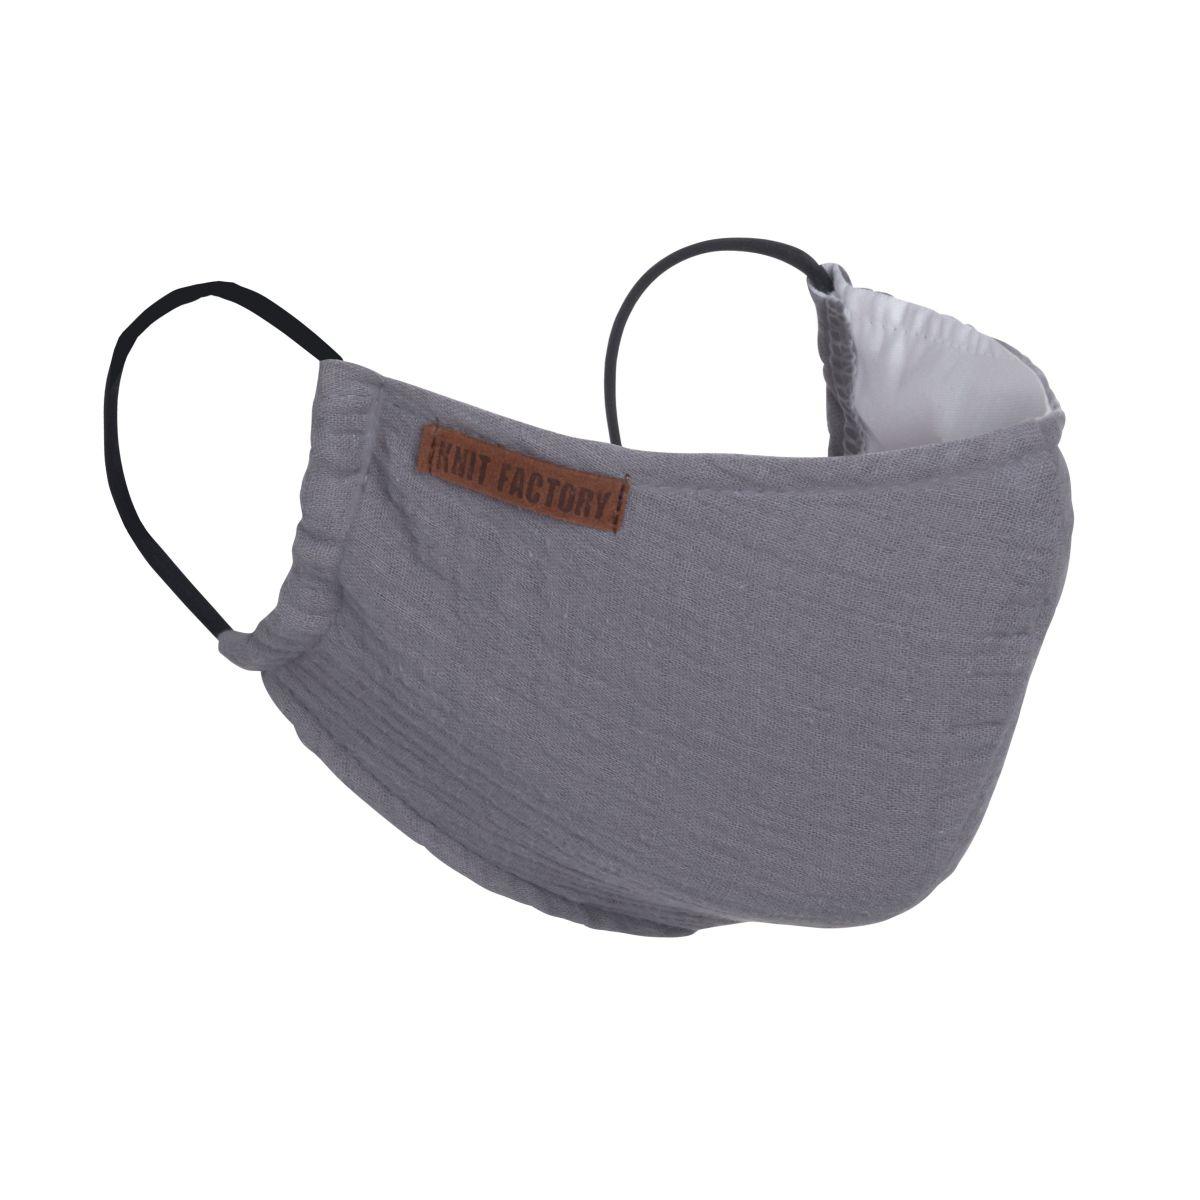 knit factory kf12810501050 liv mondmasker antraciet 1